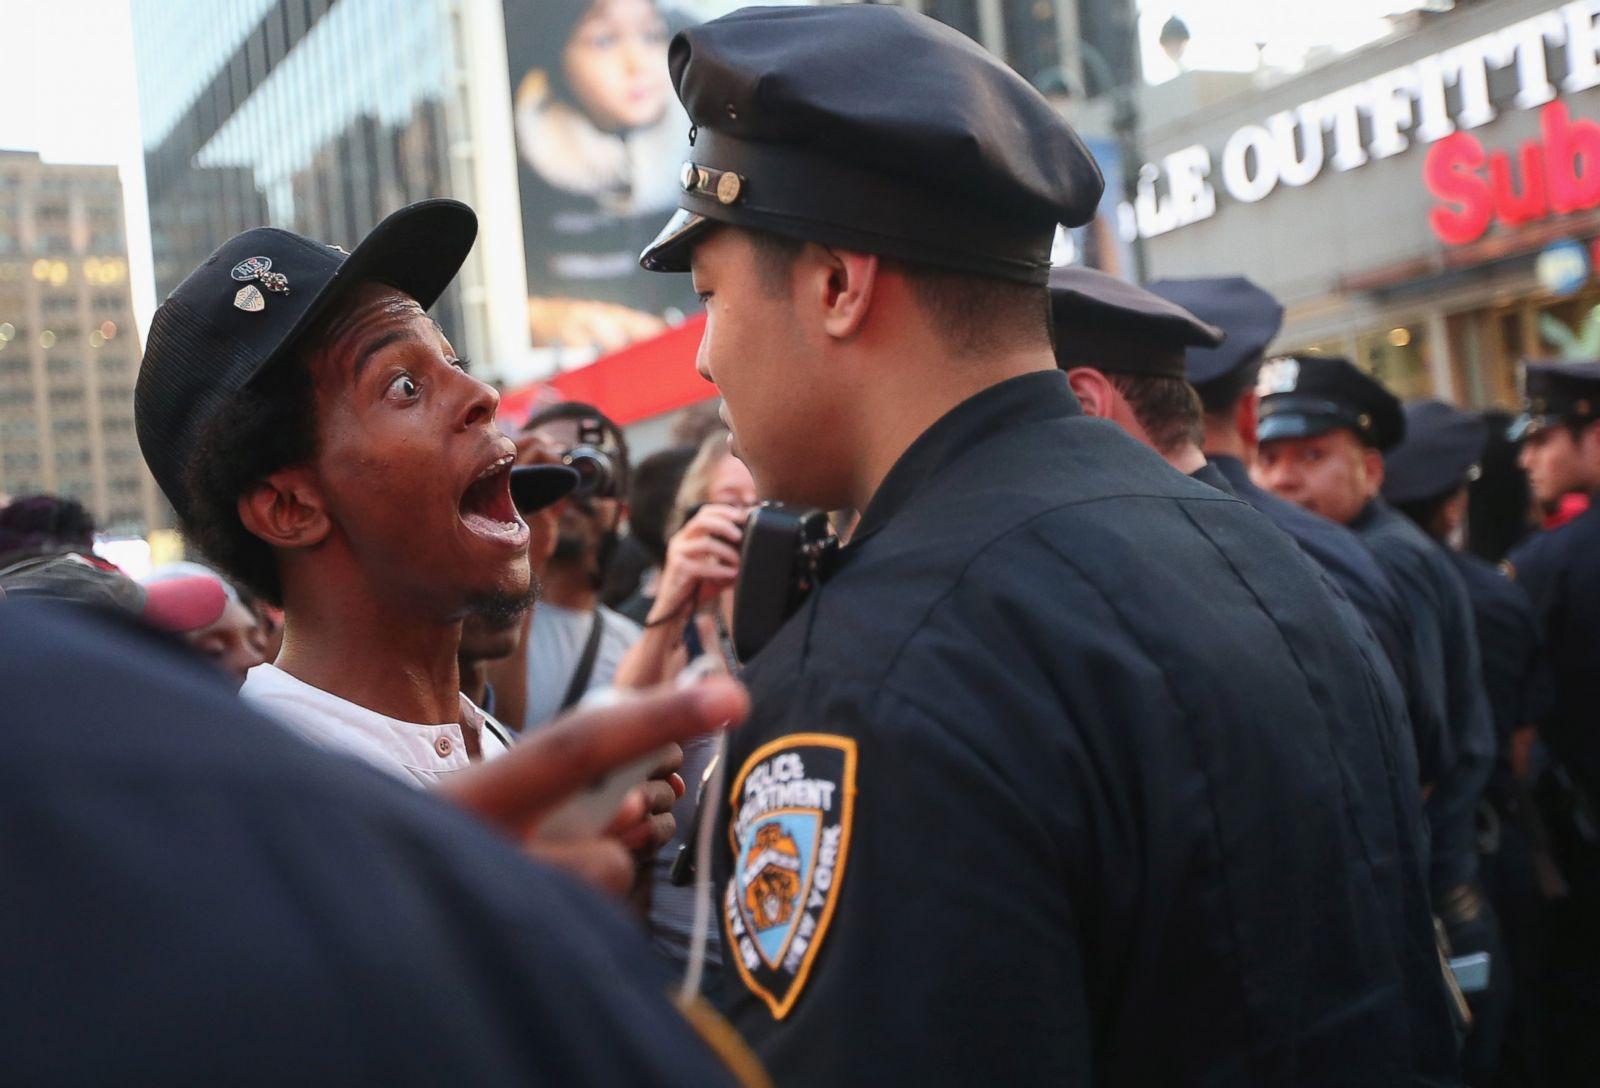 Un hombre discute con un oficial de policía sobre la absolución de George Zimmerman, en Nueva York, el 14 de julio de 2013. Fotografía: Mario Tama/Getty Images